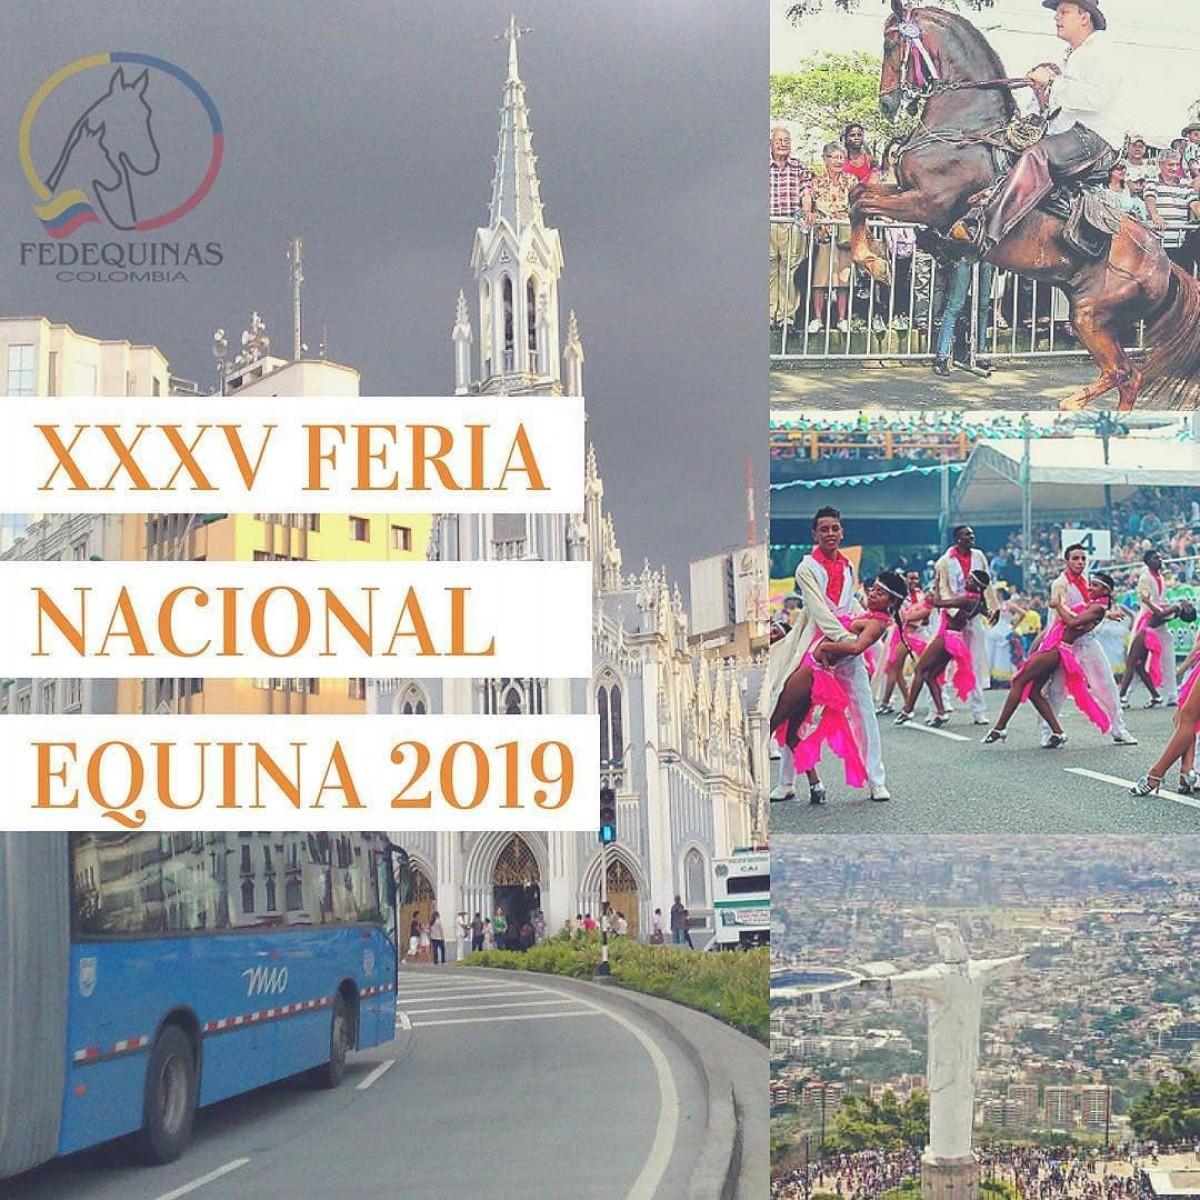 Cali Será La Sede De la XXXV Feria Nacional Equina 2019